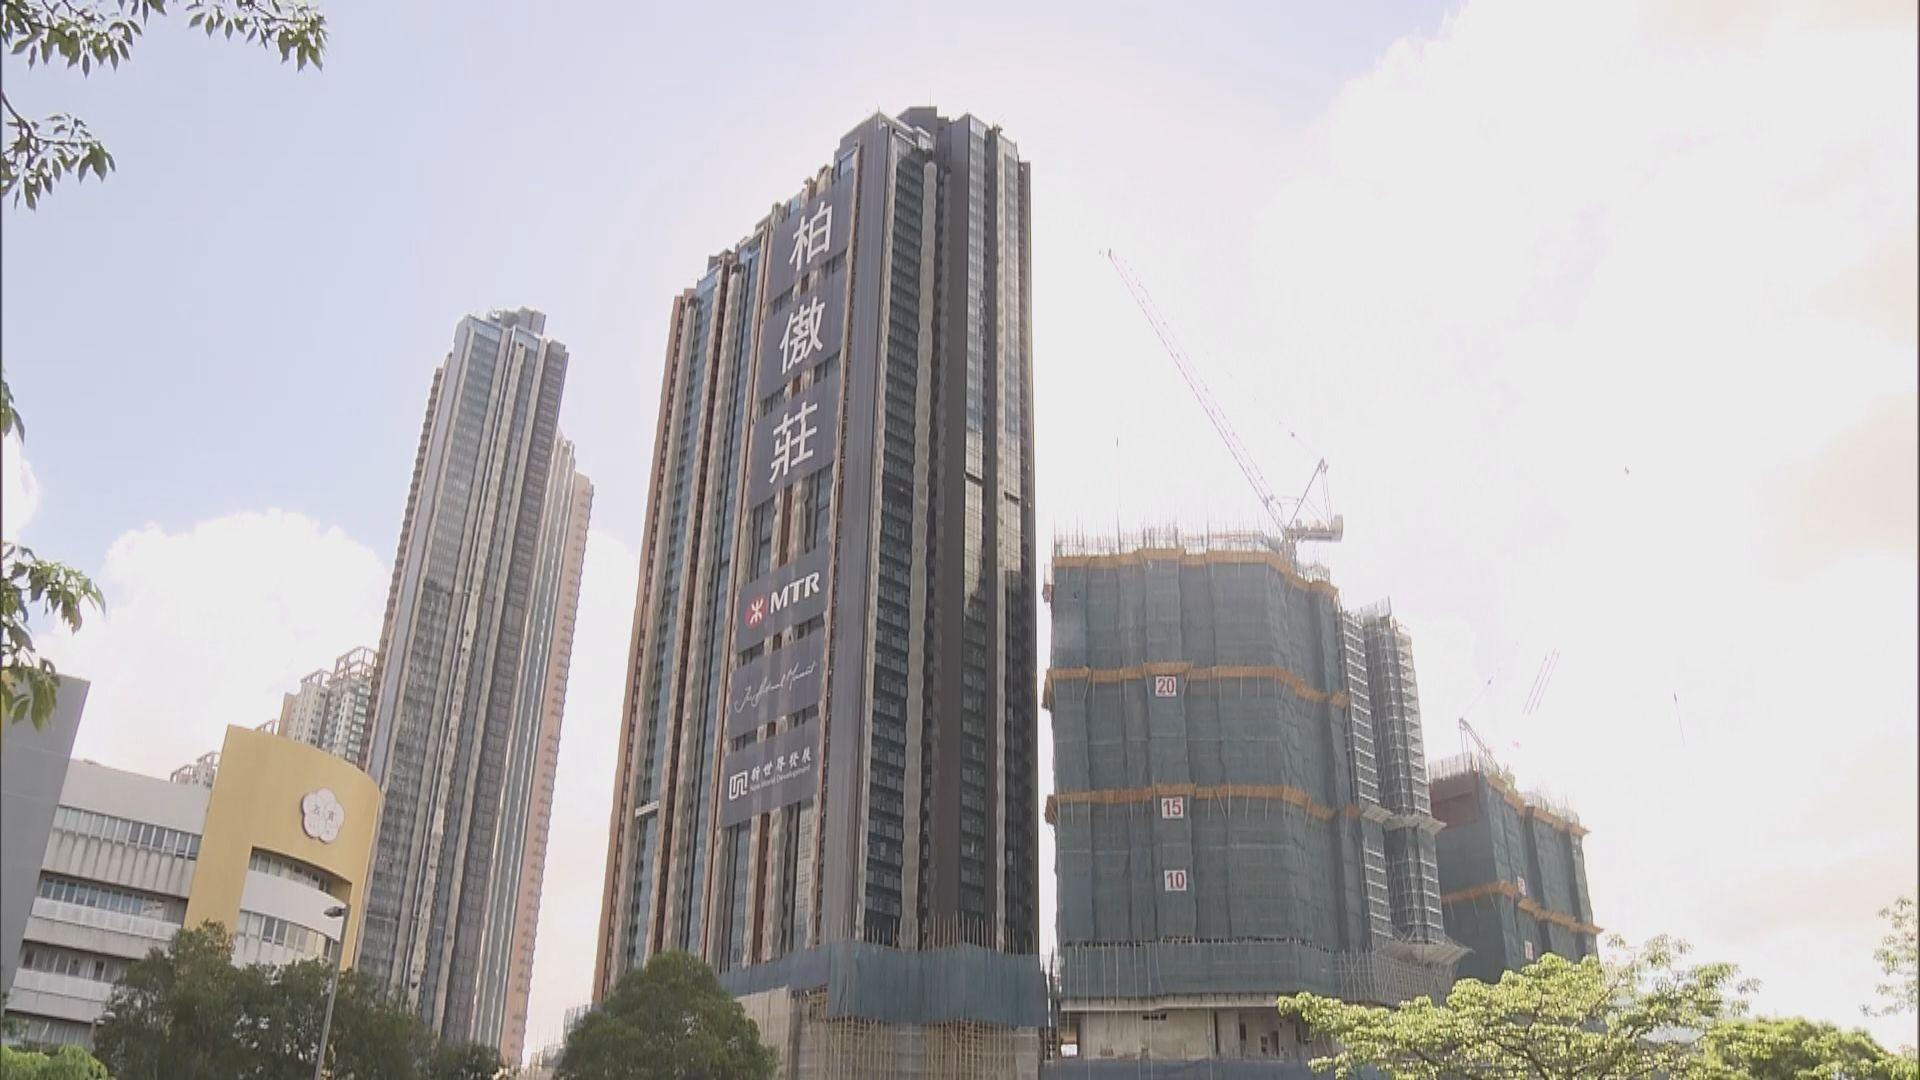 柏傲莊拆卸重建 建築測量師料混凝土廠出現問題